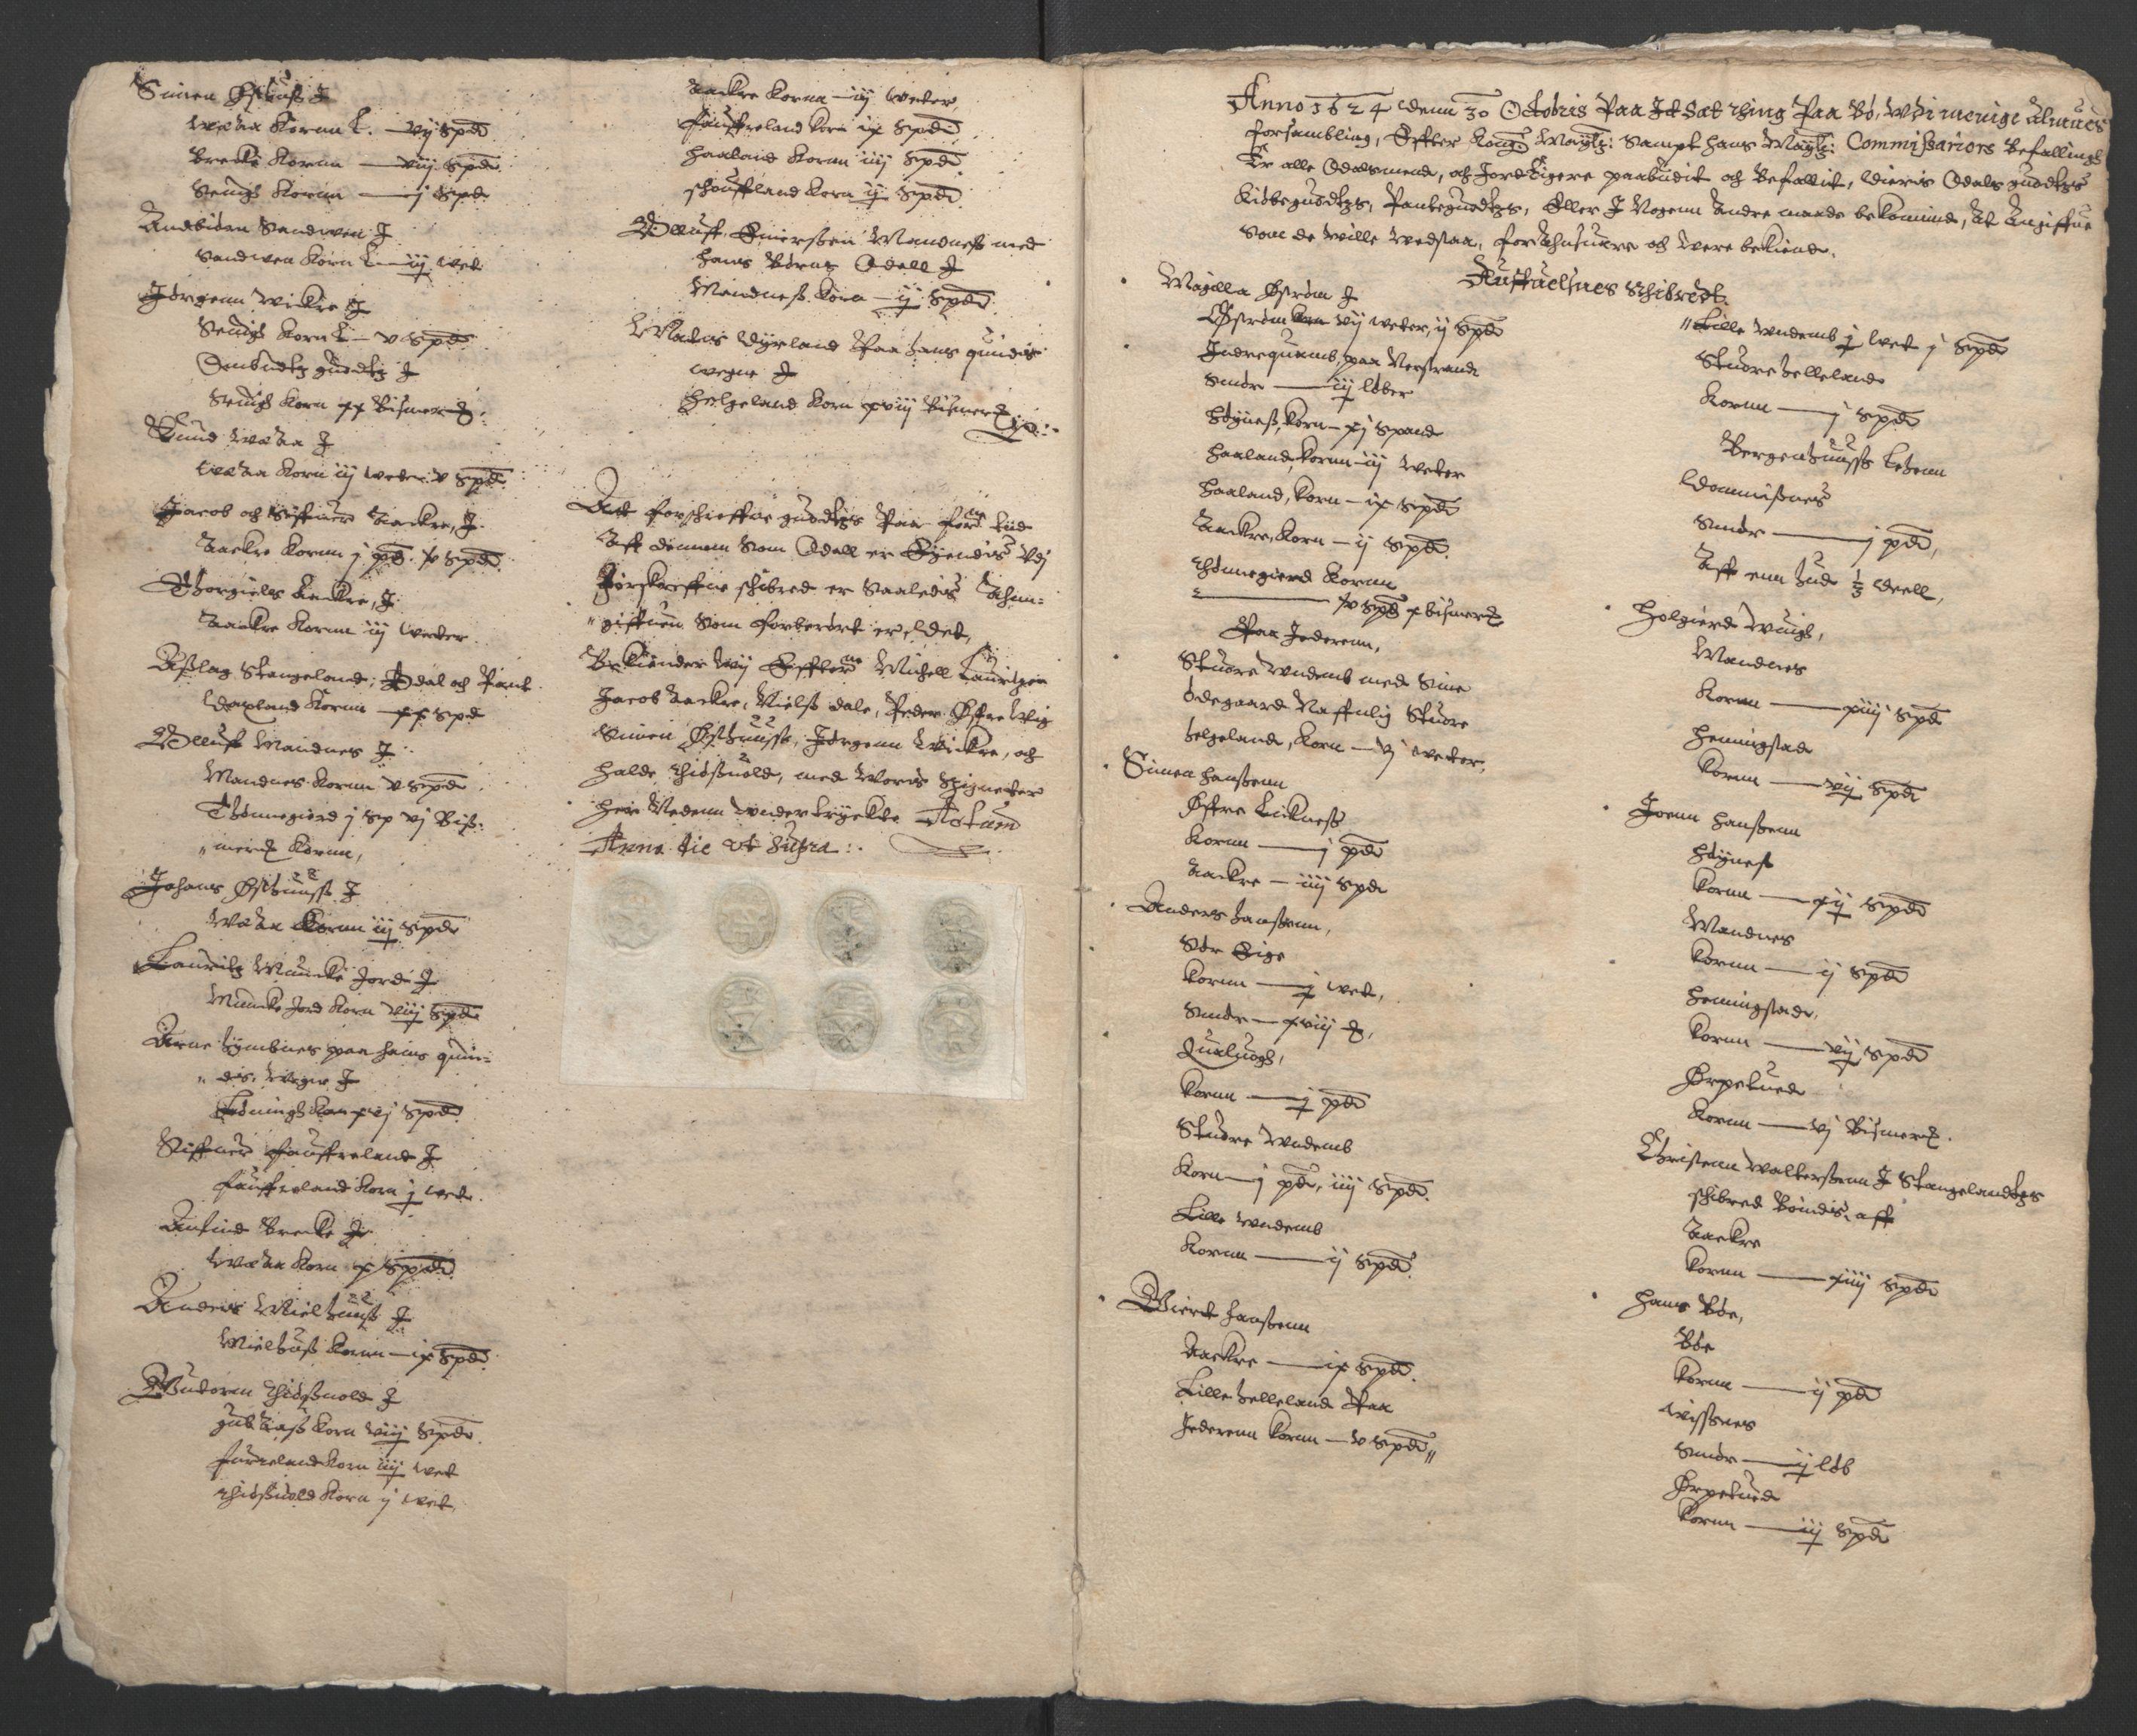 RA, Stattholderembetet 1572-1771, Ek/L0010: Jordebøker til utlikning av rosstjeneste 1624-1626:, 1624-1626, s. 6